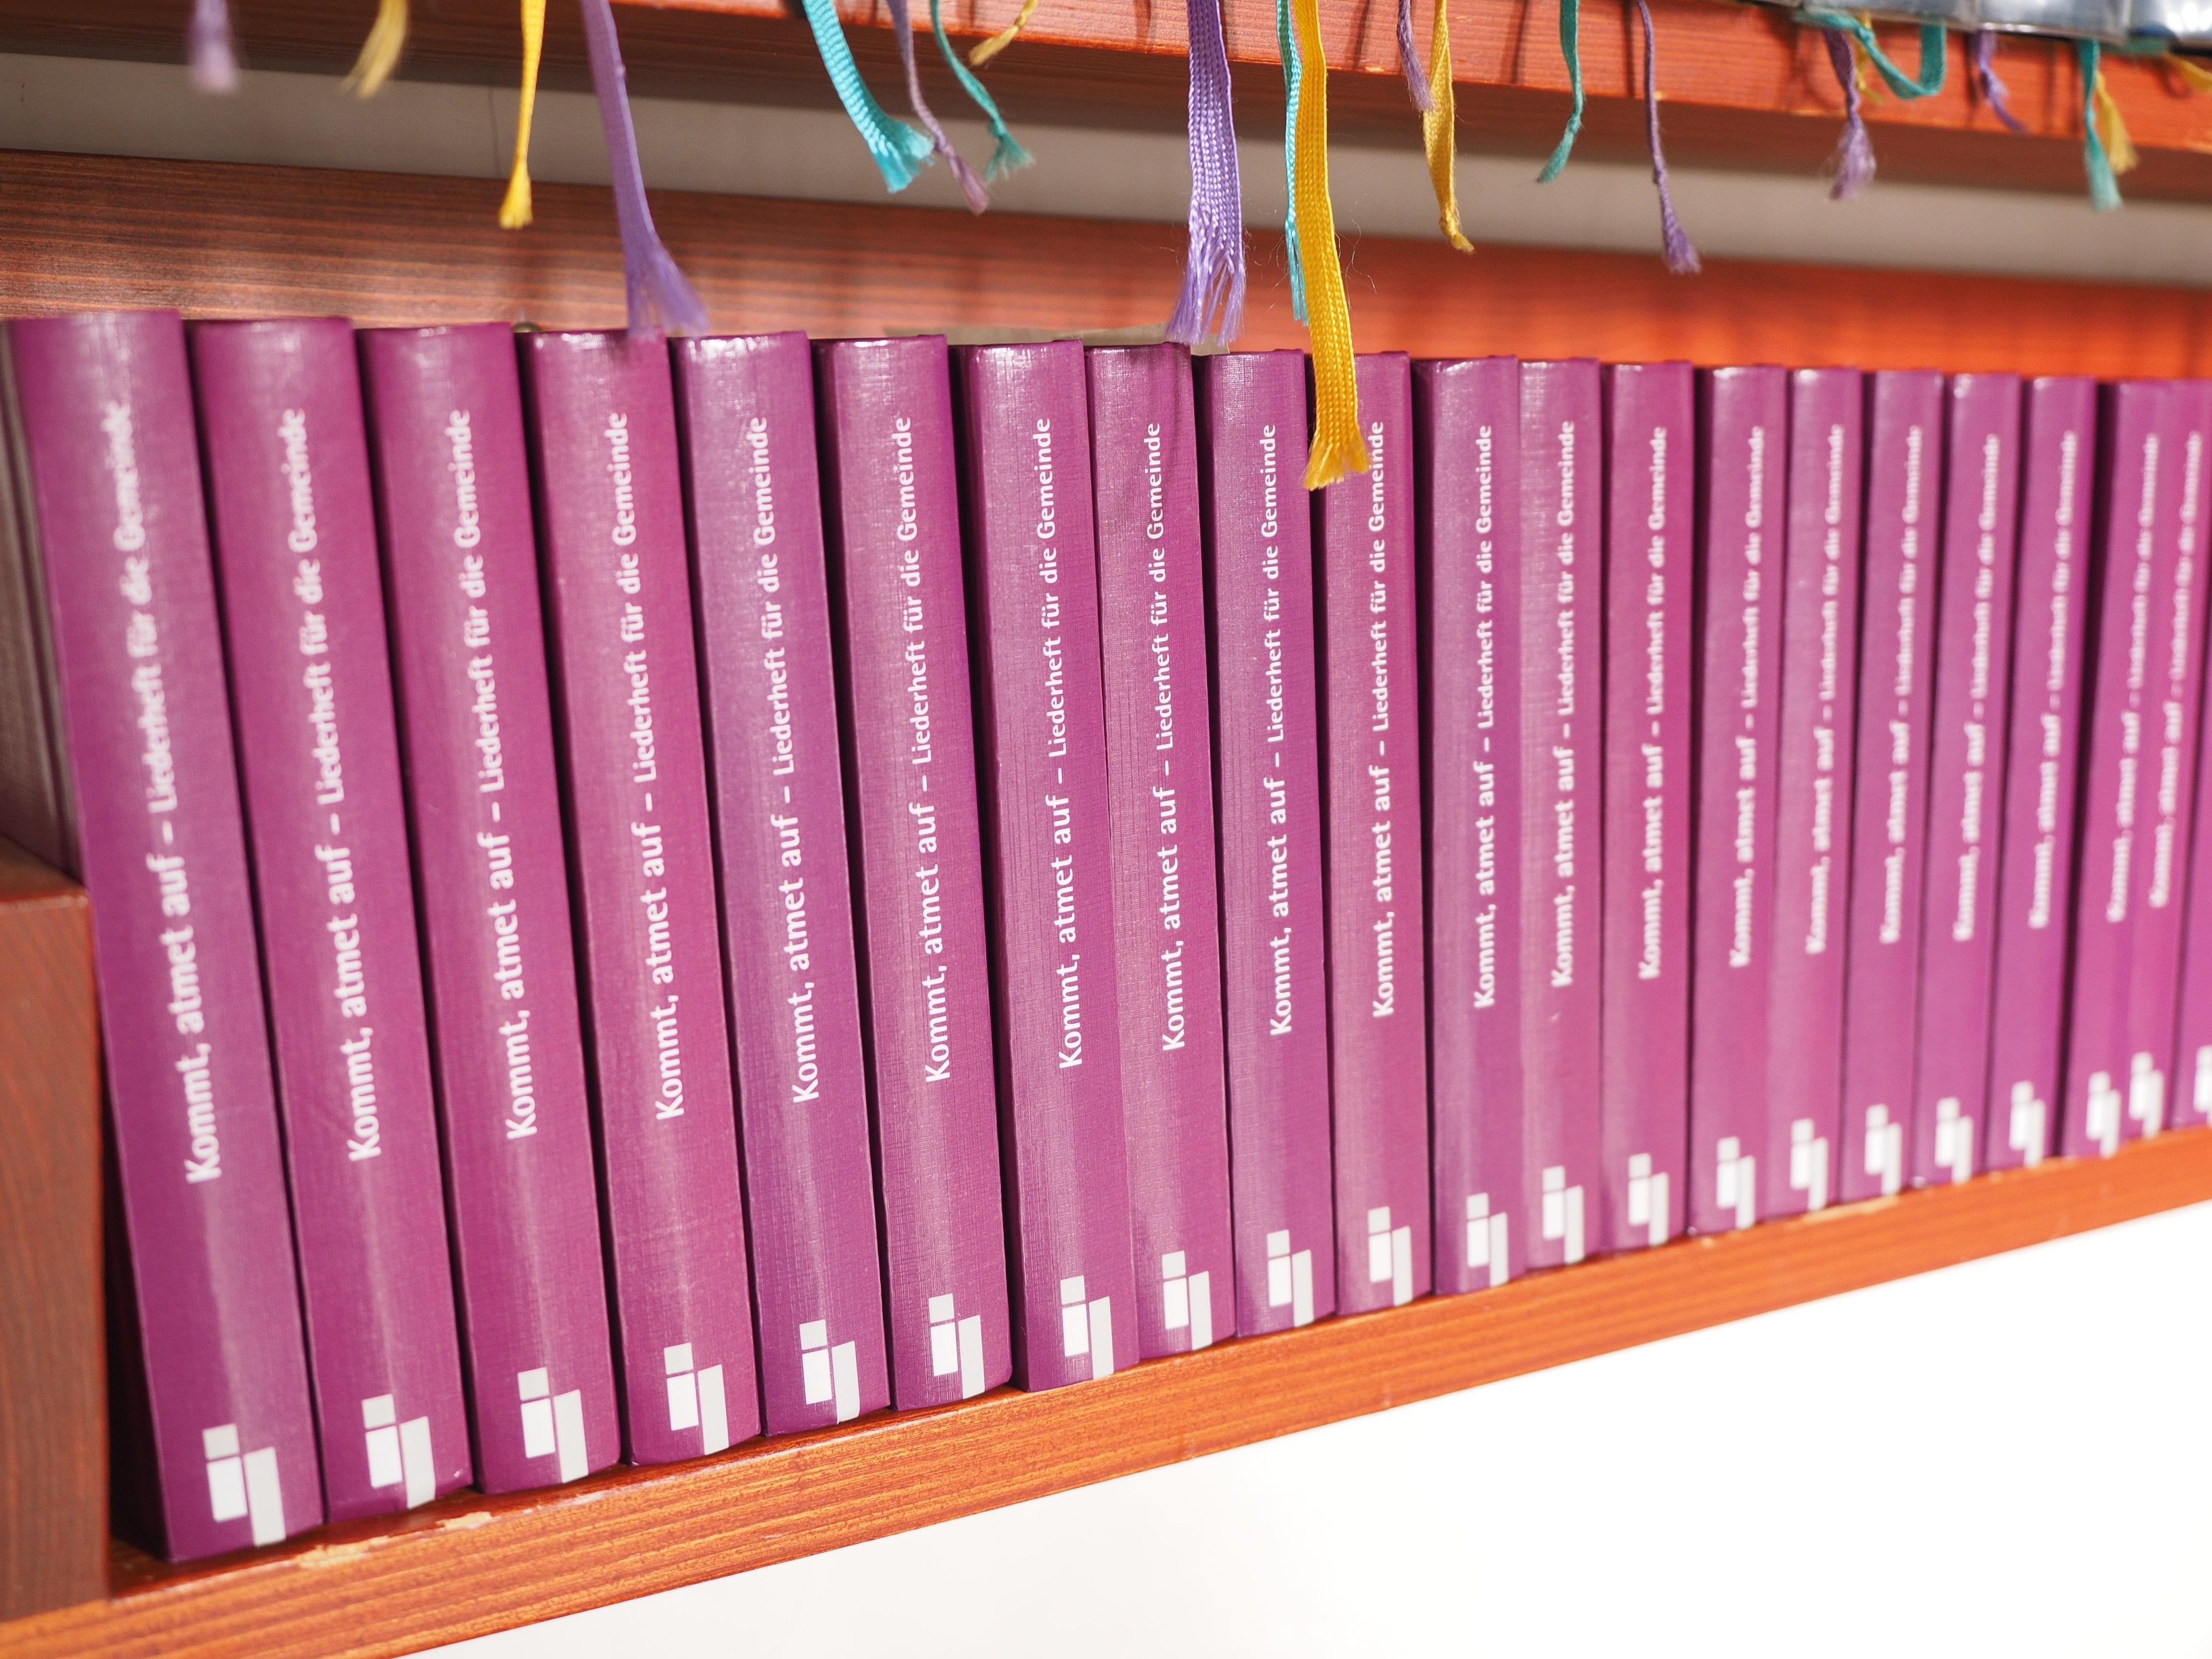 Libros de decoracion de interiores te enseo el libro de - Libros de decoracion de interiores gratis ...